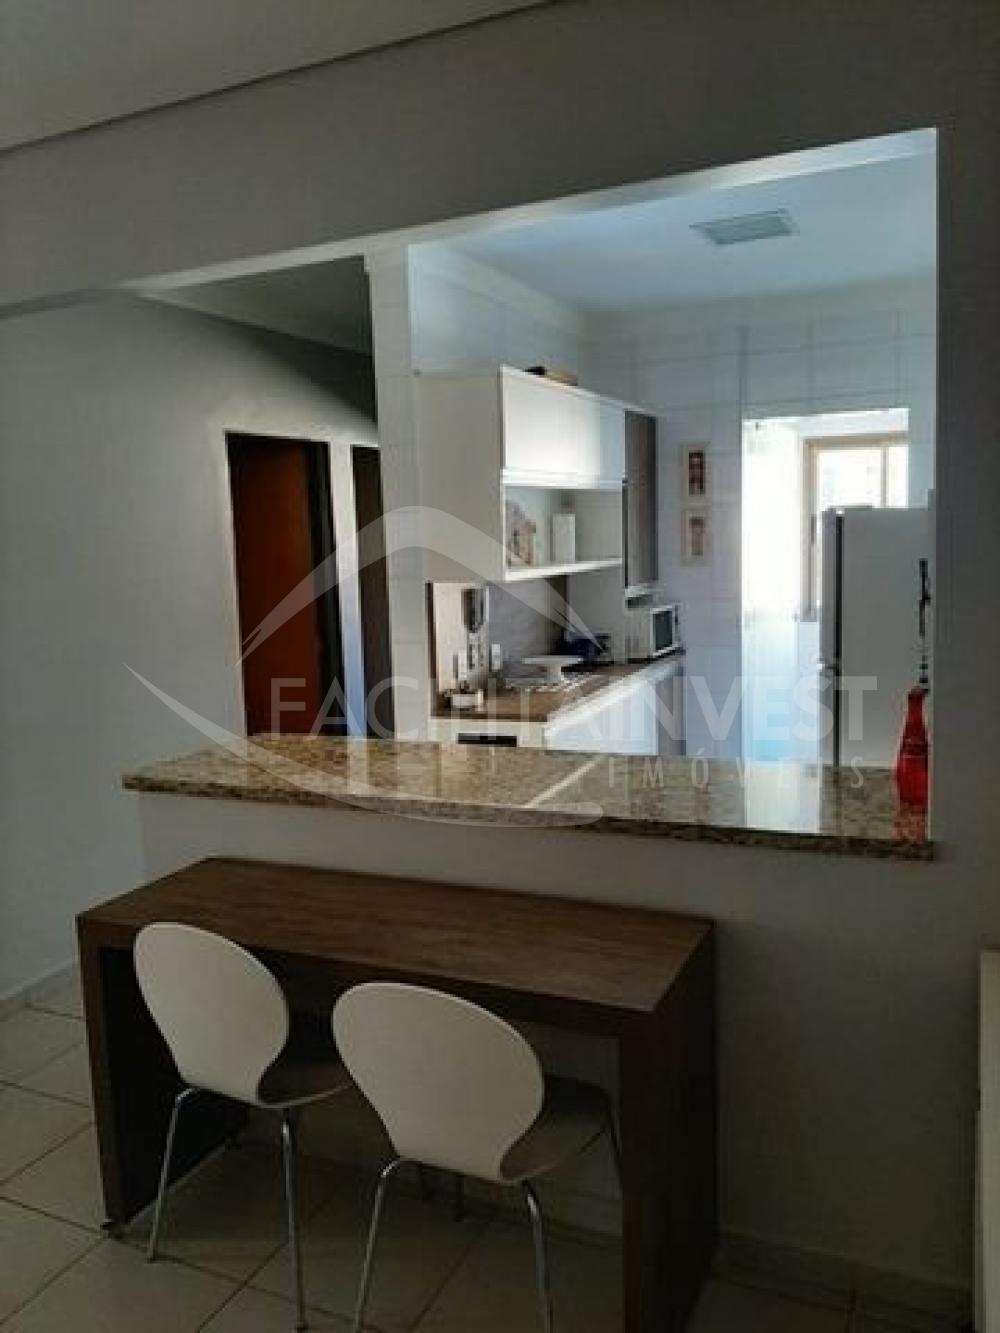 Alugar Apartamentos / Apartamento Mobiliado em Ribeirão Preto apenas R$ 1.400,00 - Foto 1